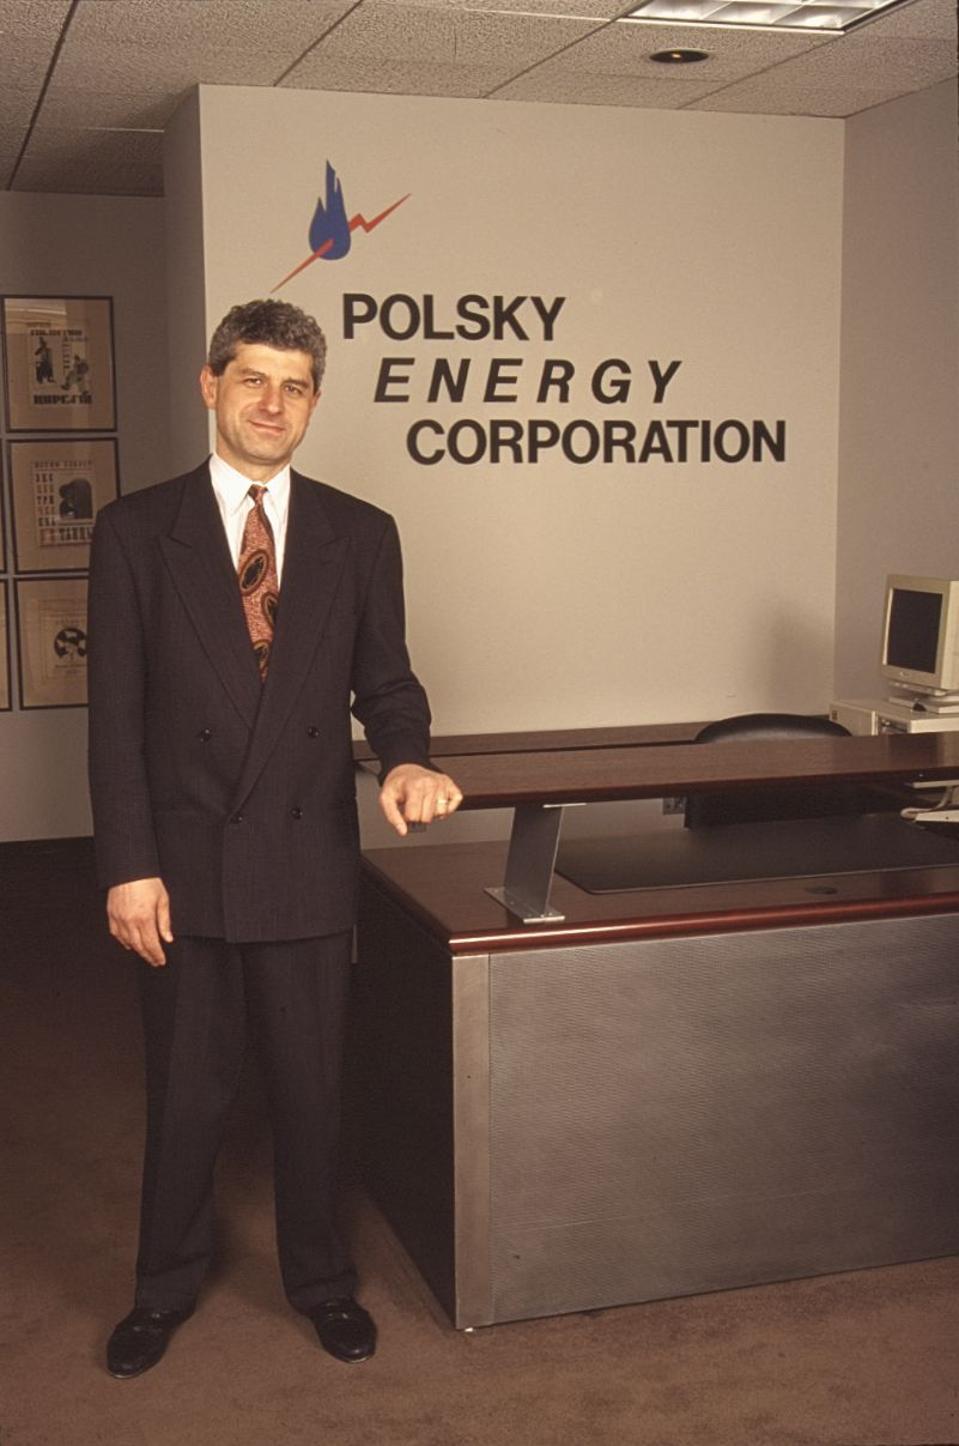 Polsky Energy